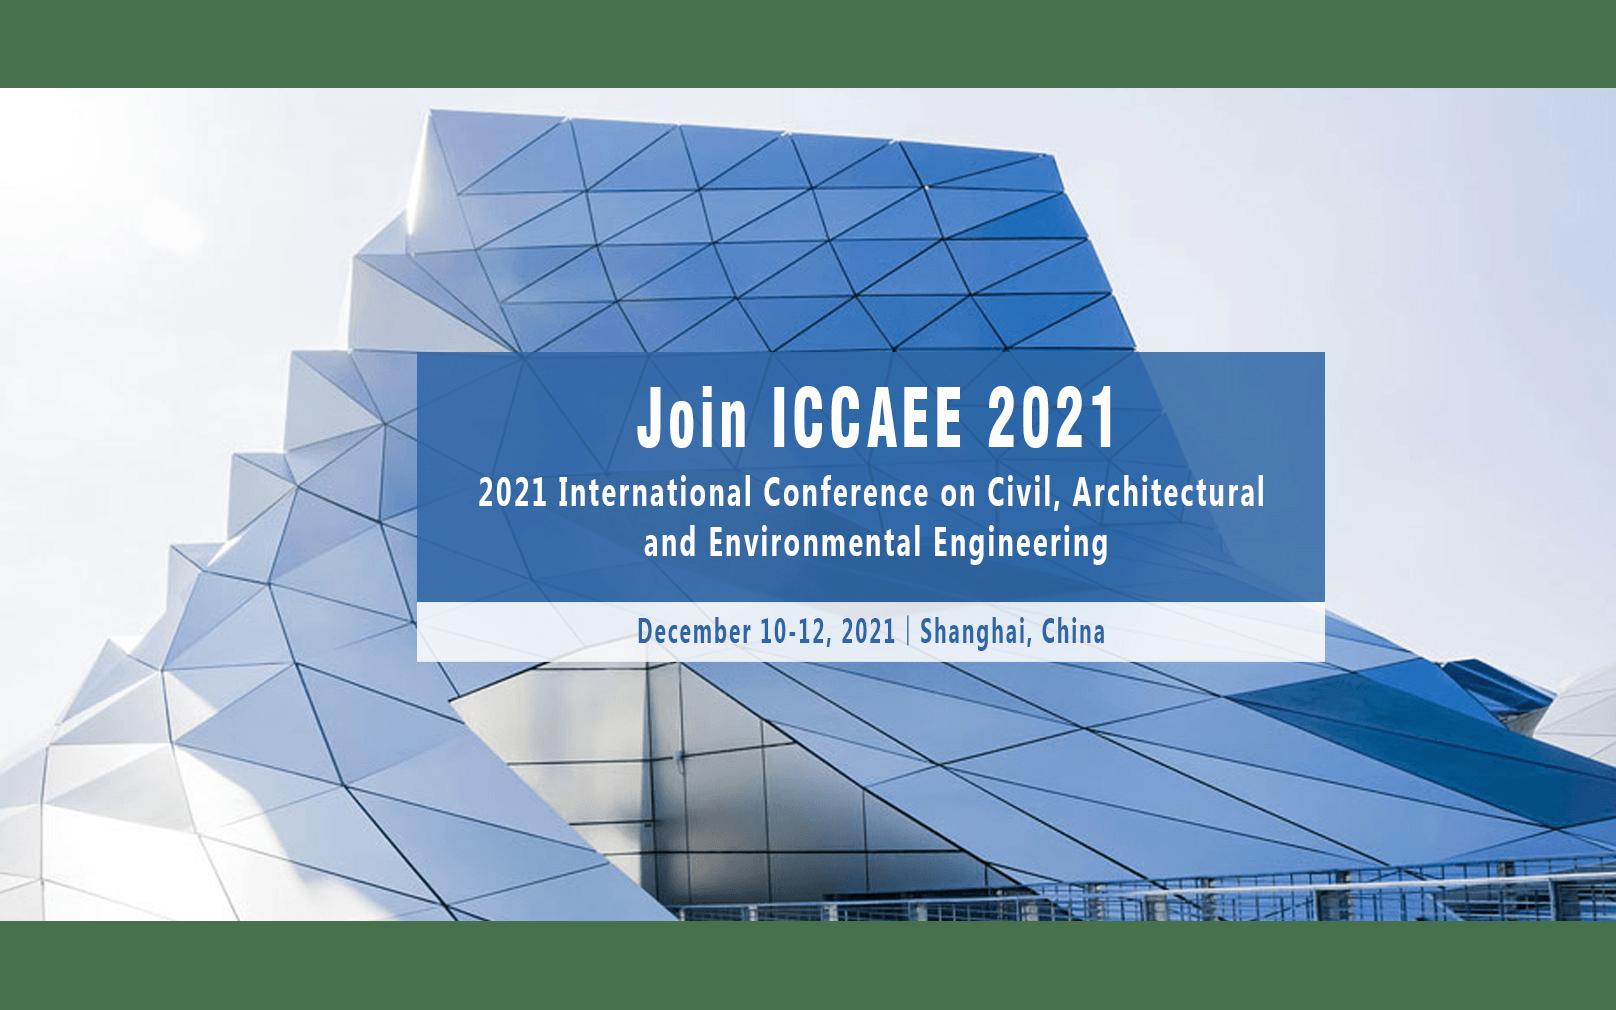 2021年第四届土木,建筑与环境工程国际会议(ICCAEE 2021)EI检索